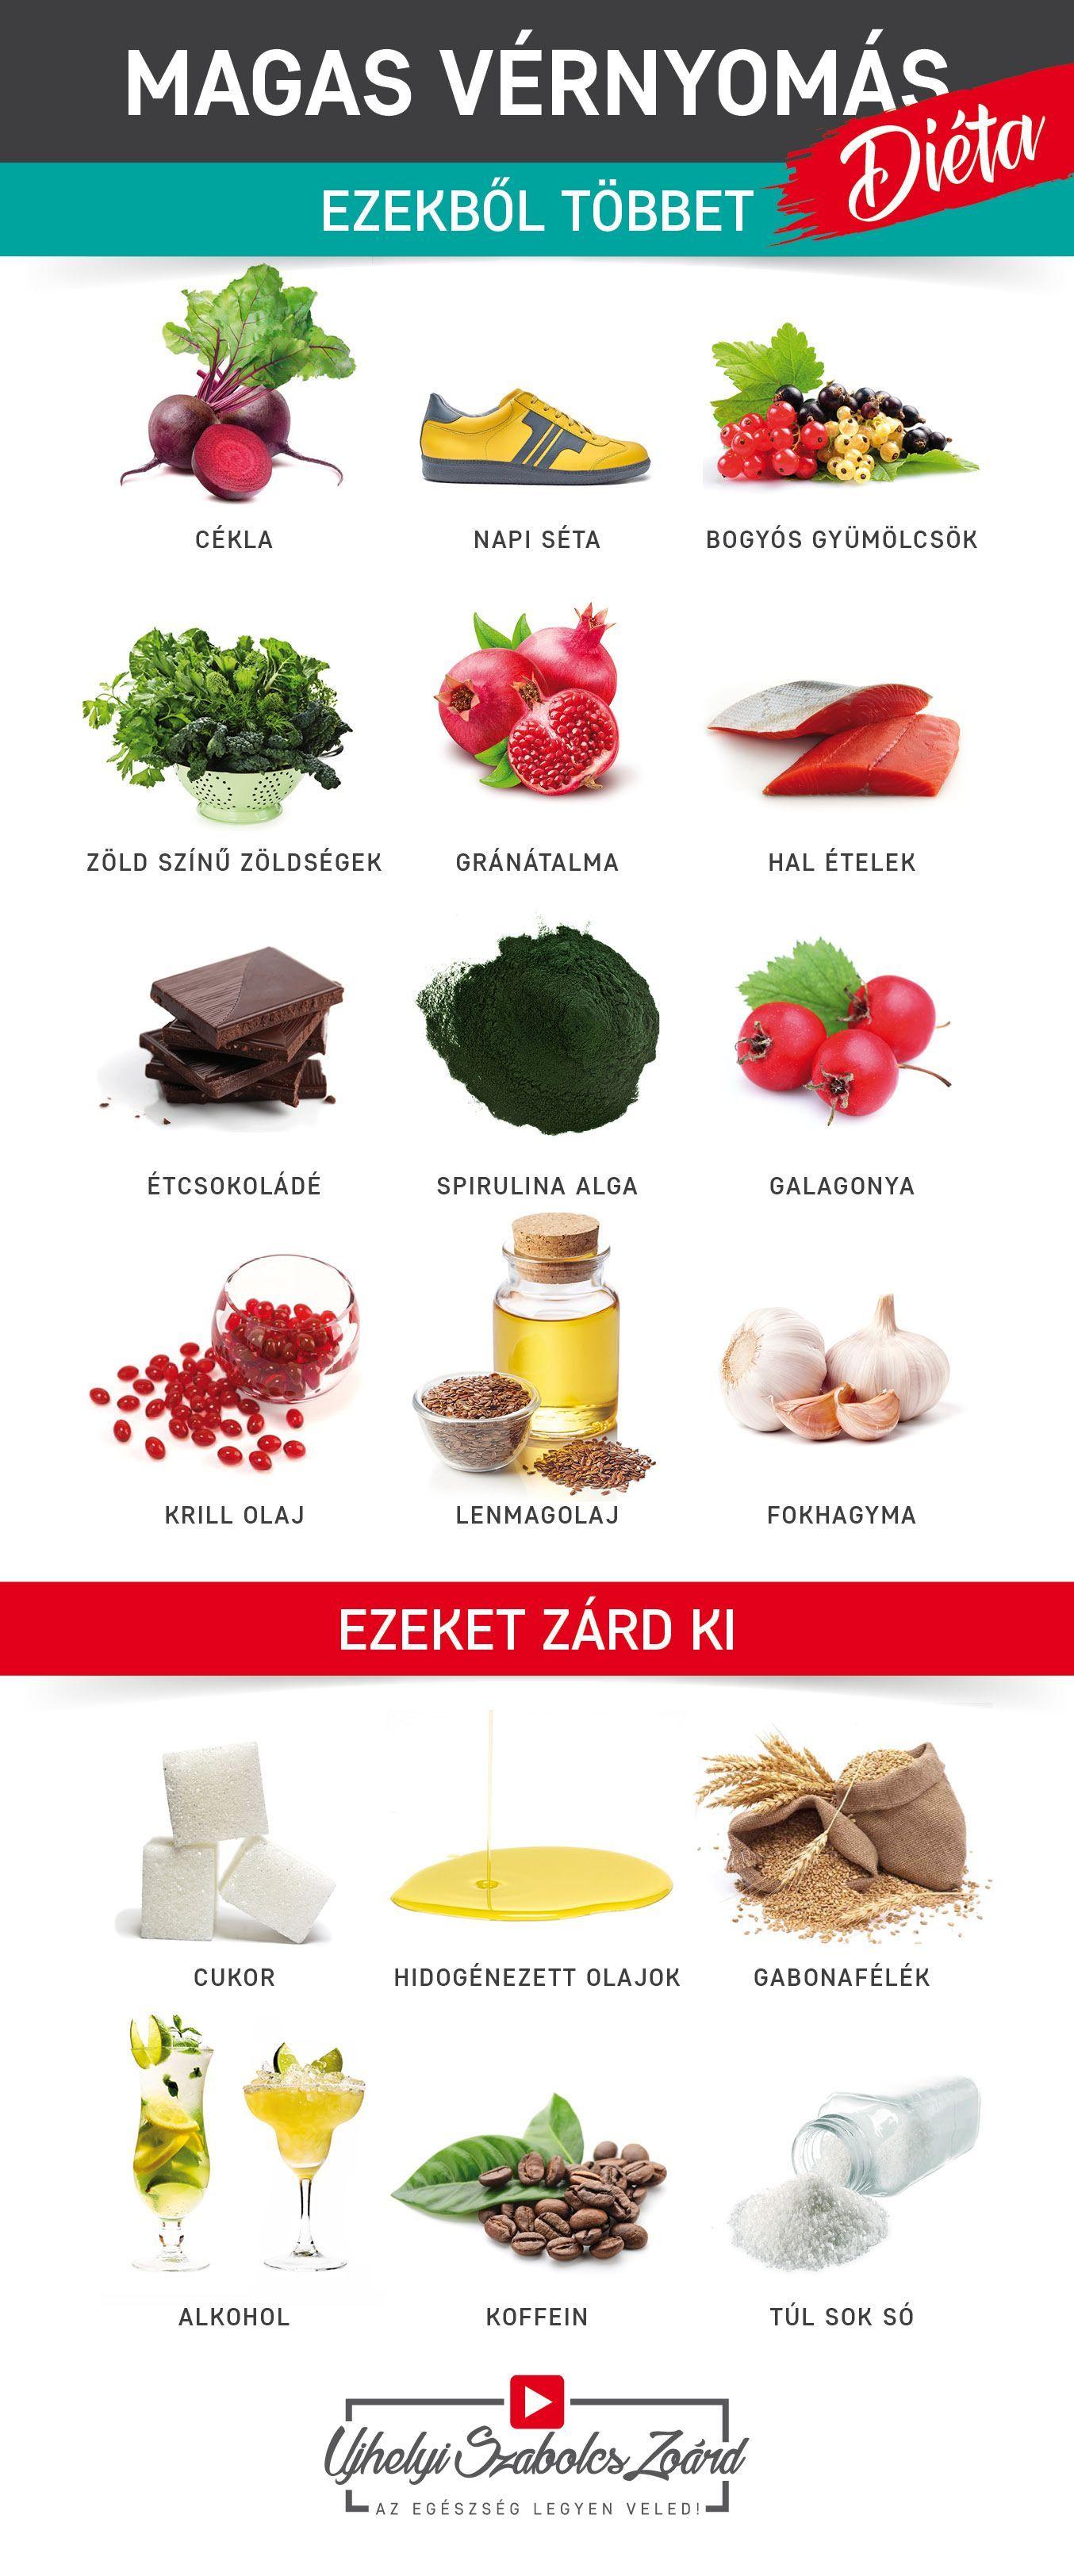 magas vérnyomás és egészséges életmód diéta cukorbetegség és magas vérnyomás esetén